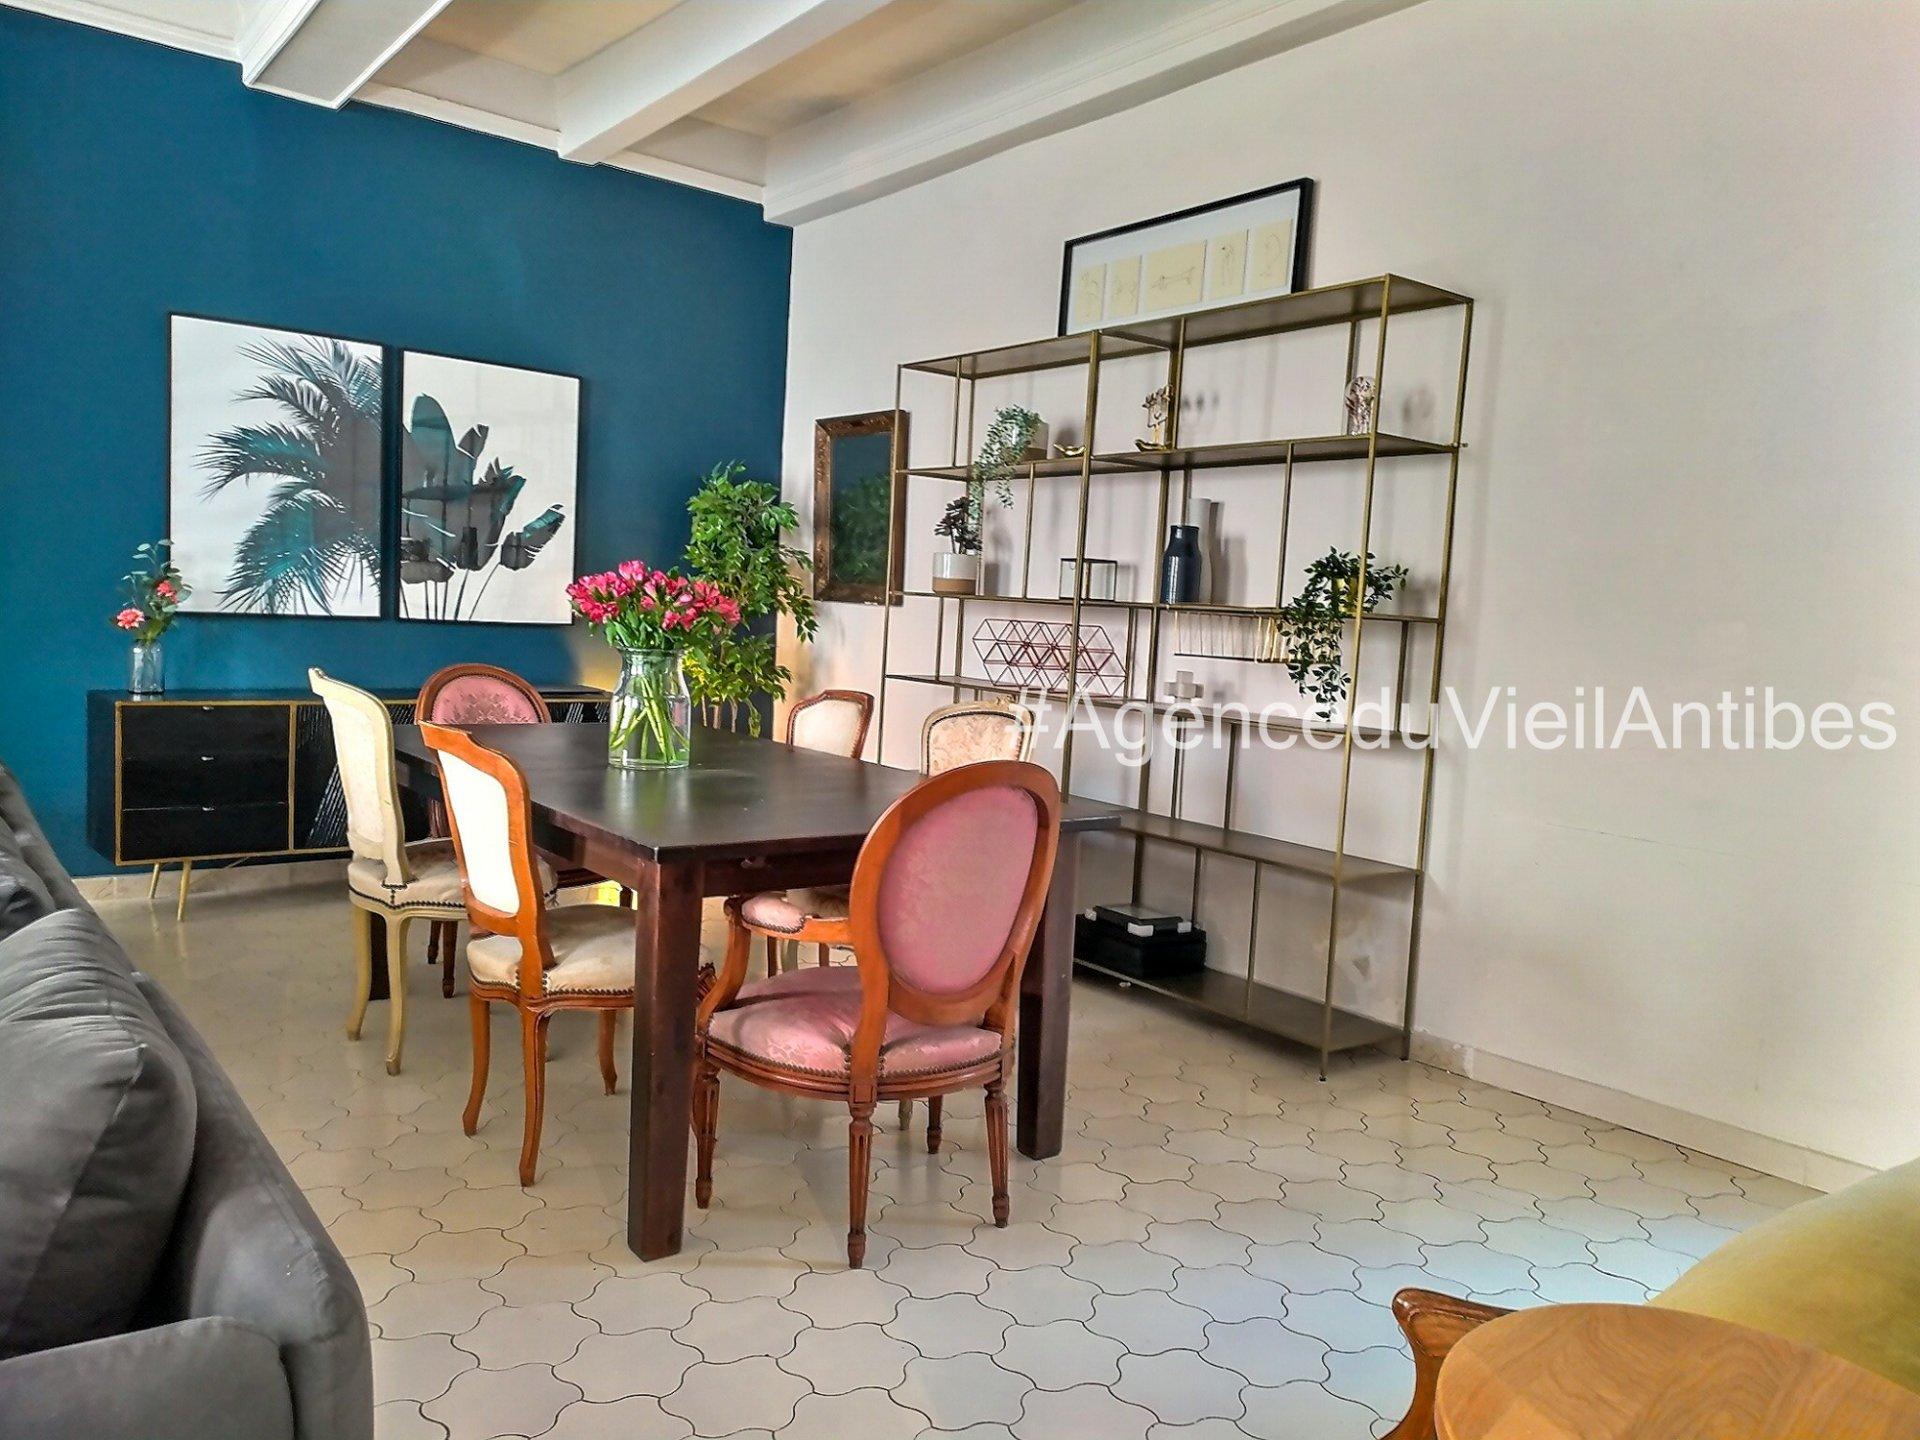 MAGNIFIQUE 4P 96 m² VIEIL ANTIBES